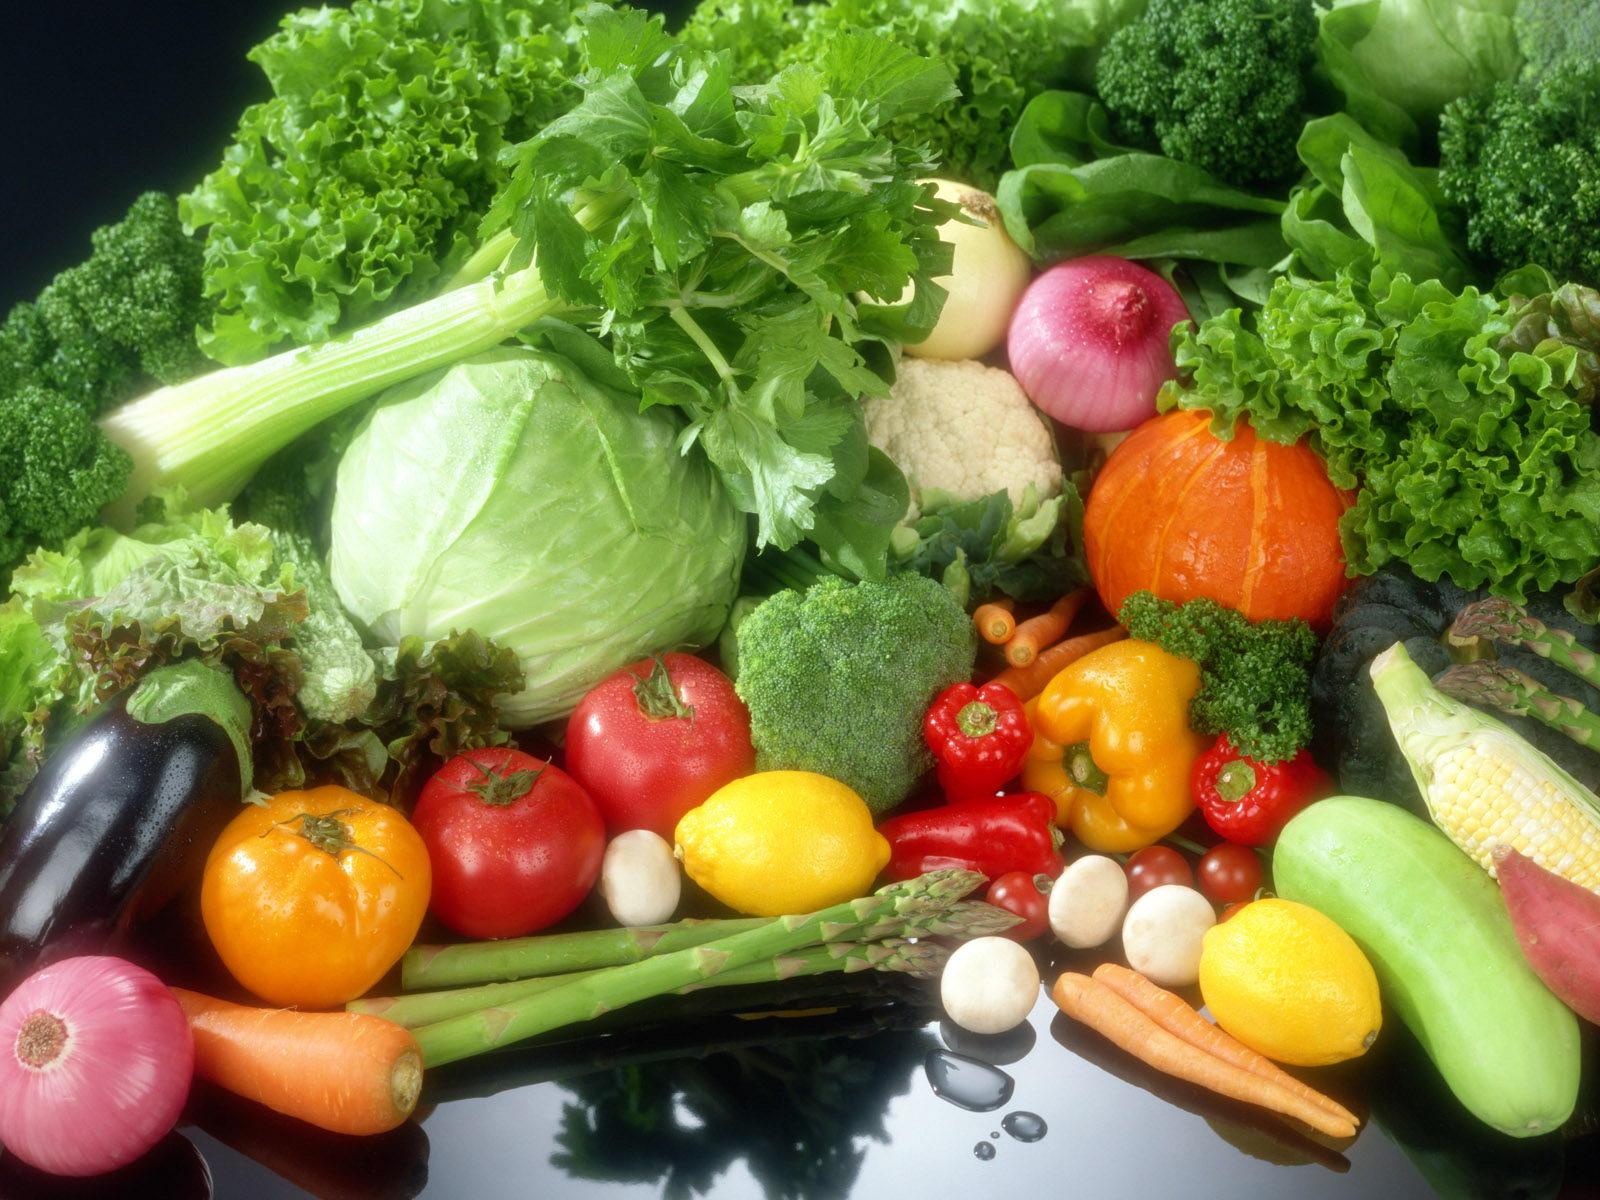 白癜风不该吃的蔬菜有哪些